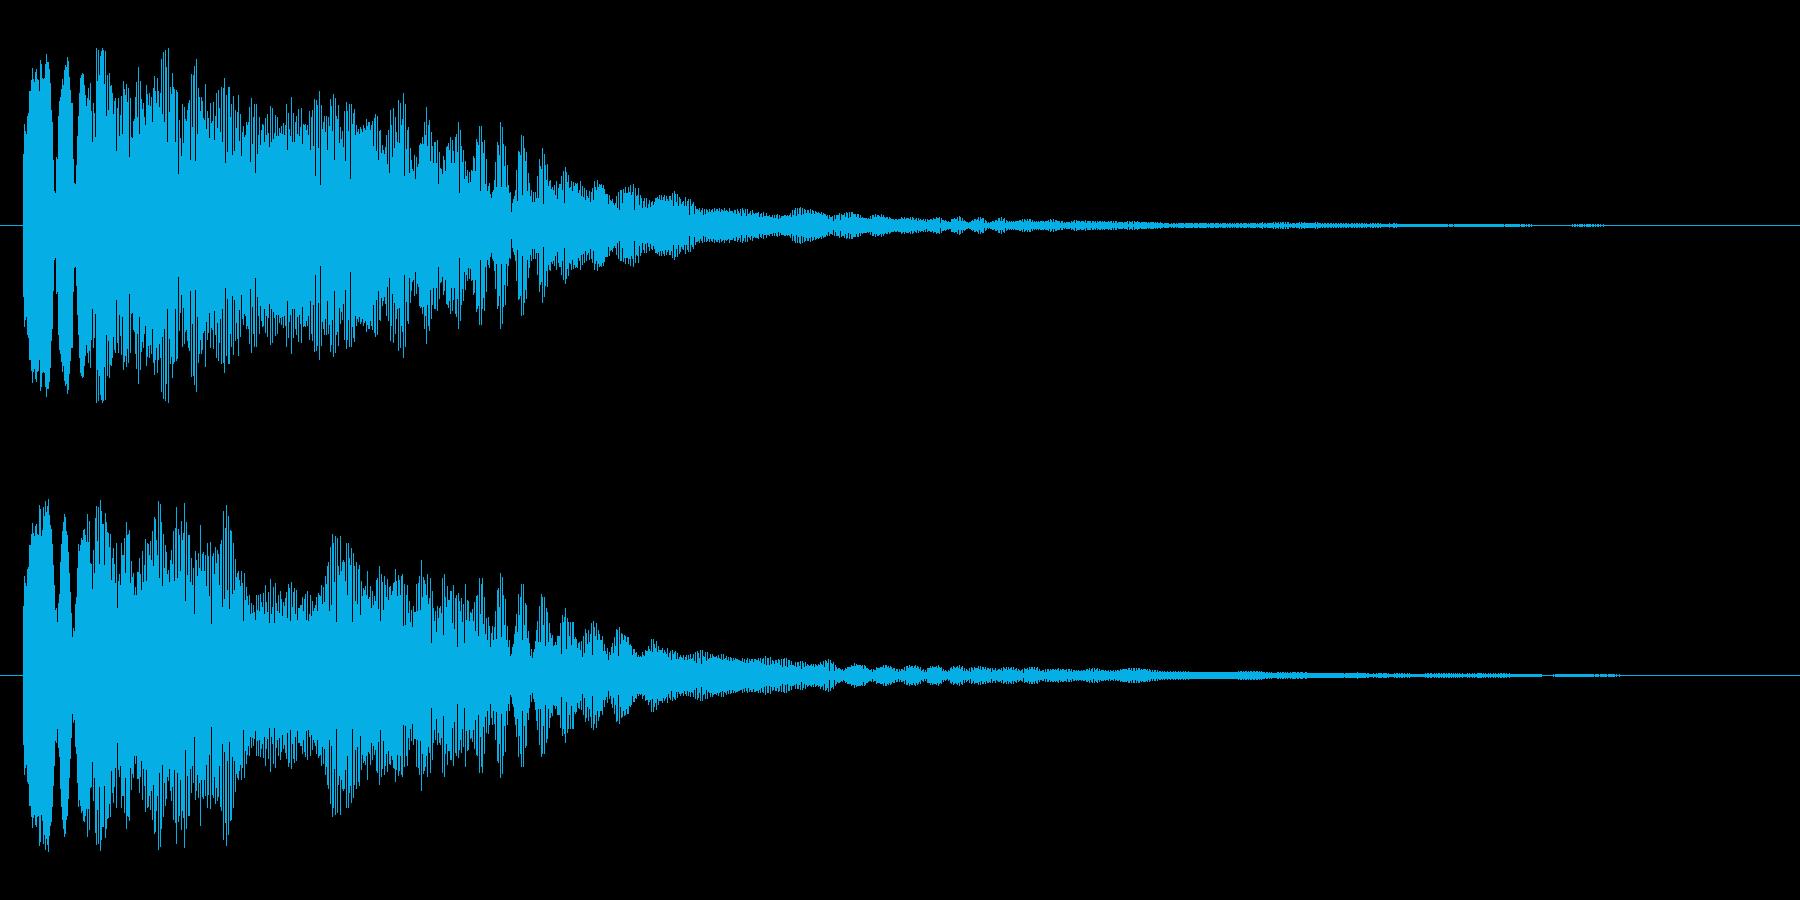 キラーン(星が出現する音)の再生済みの波形